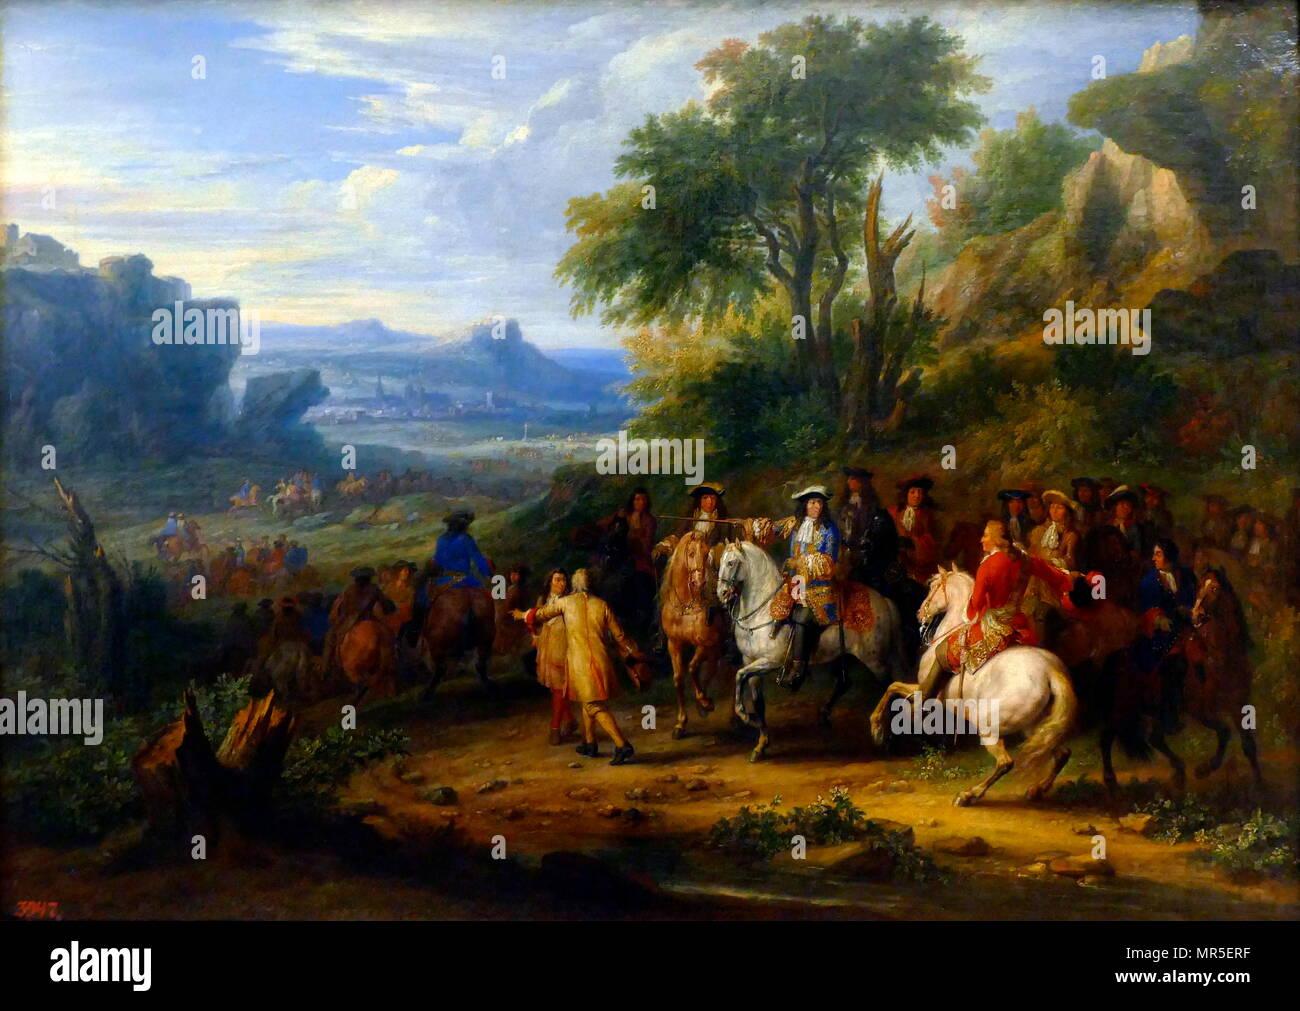 Prince Condé à la prise d'une v Ille à Flandres Prince Condé (at the Taking of a Flemish Town) Oil on canvas, c1650, by Adam Van der Meulen. - Stock Image